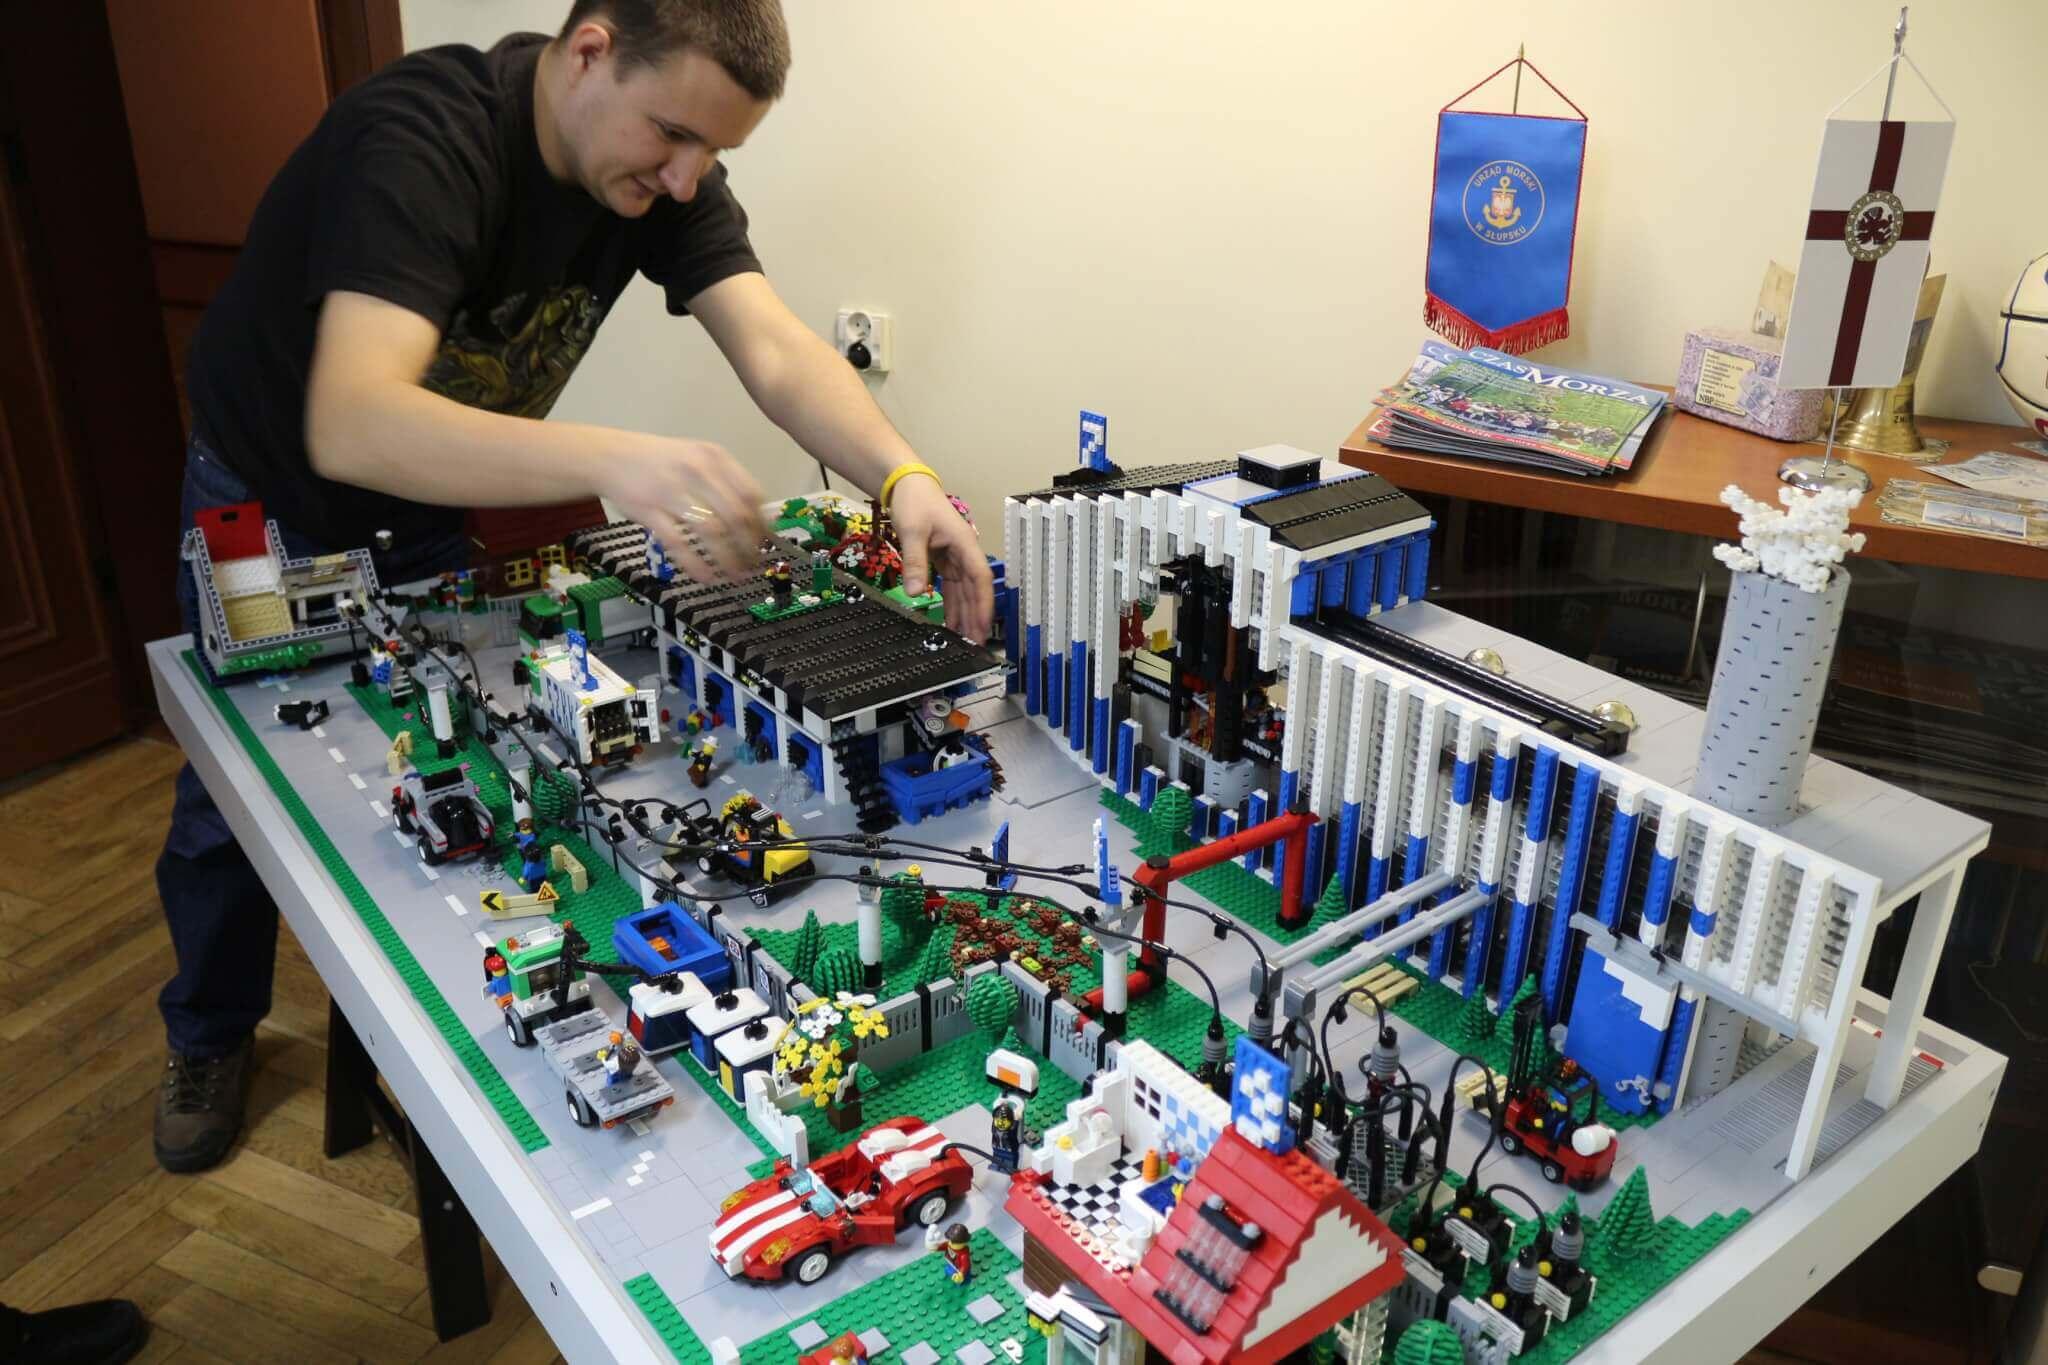 największa-budowla-z-klocków-lego-na-świecie-w-Gdańsk-Lego-Ideo-Klocki.jpg